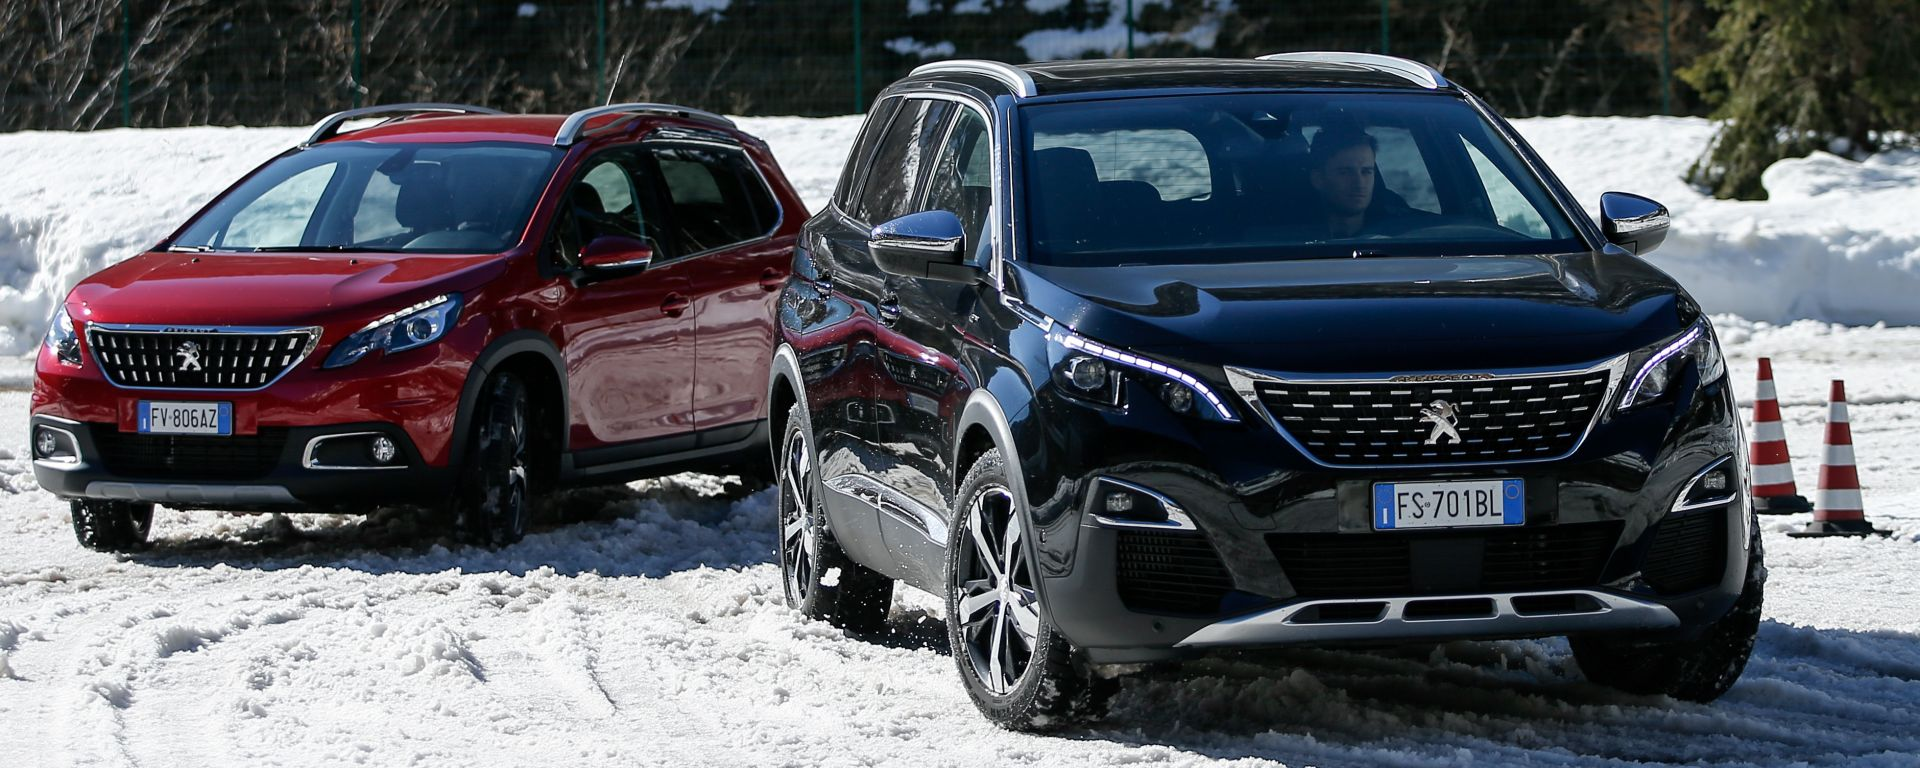 Peugeot Grip Control: muoversi in sicurezza sempre e ovunque